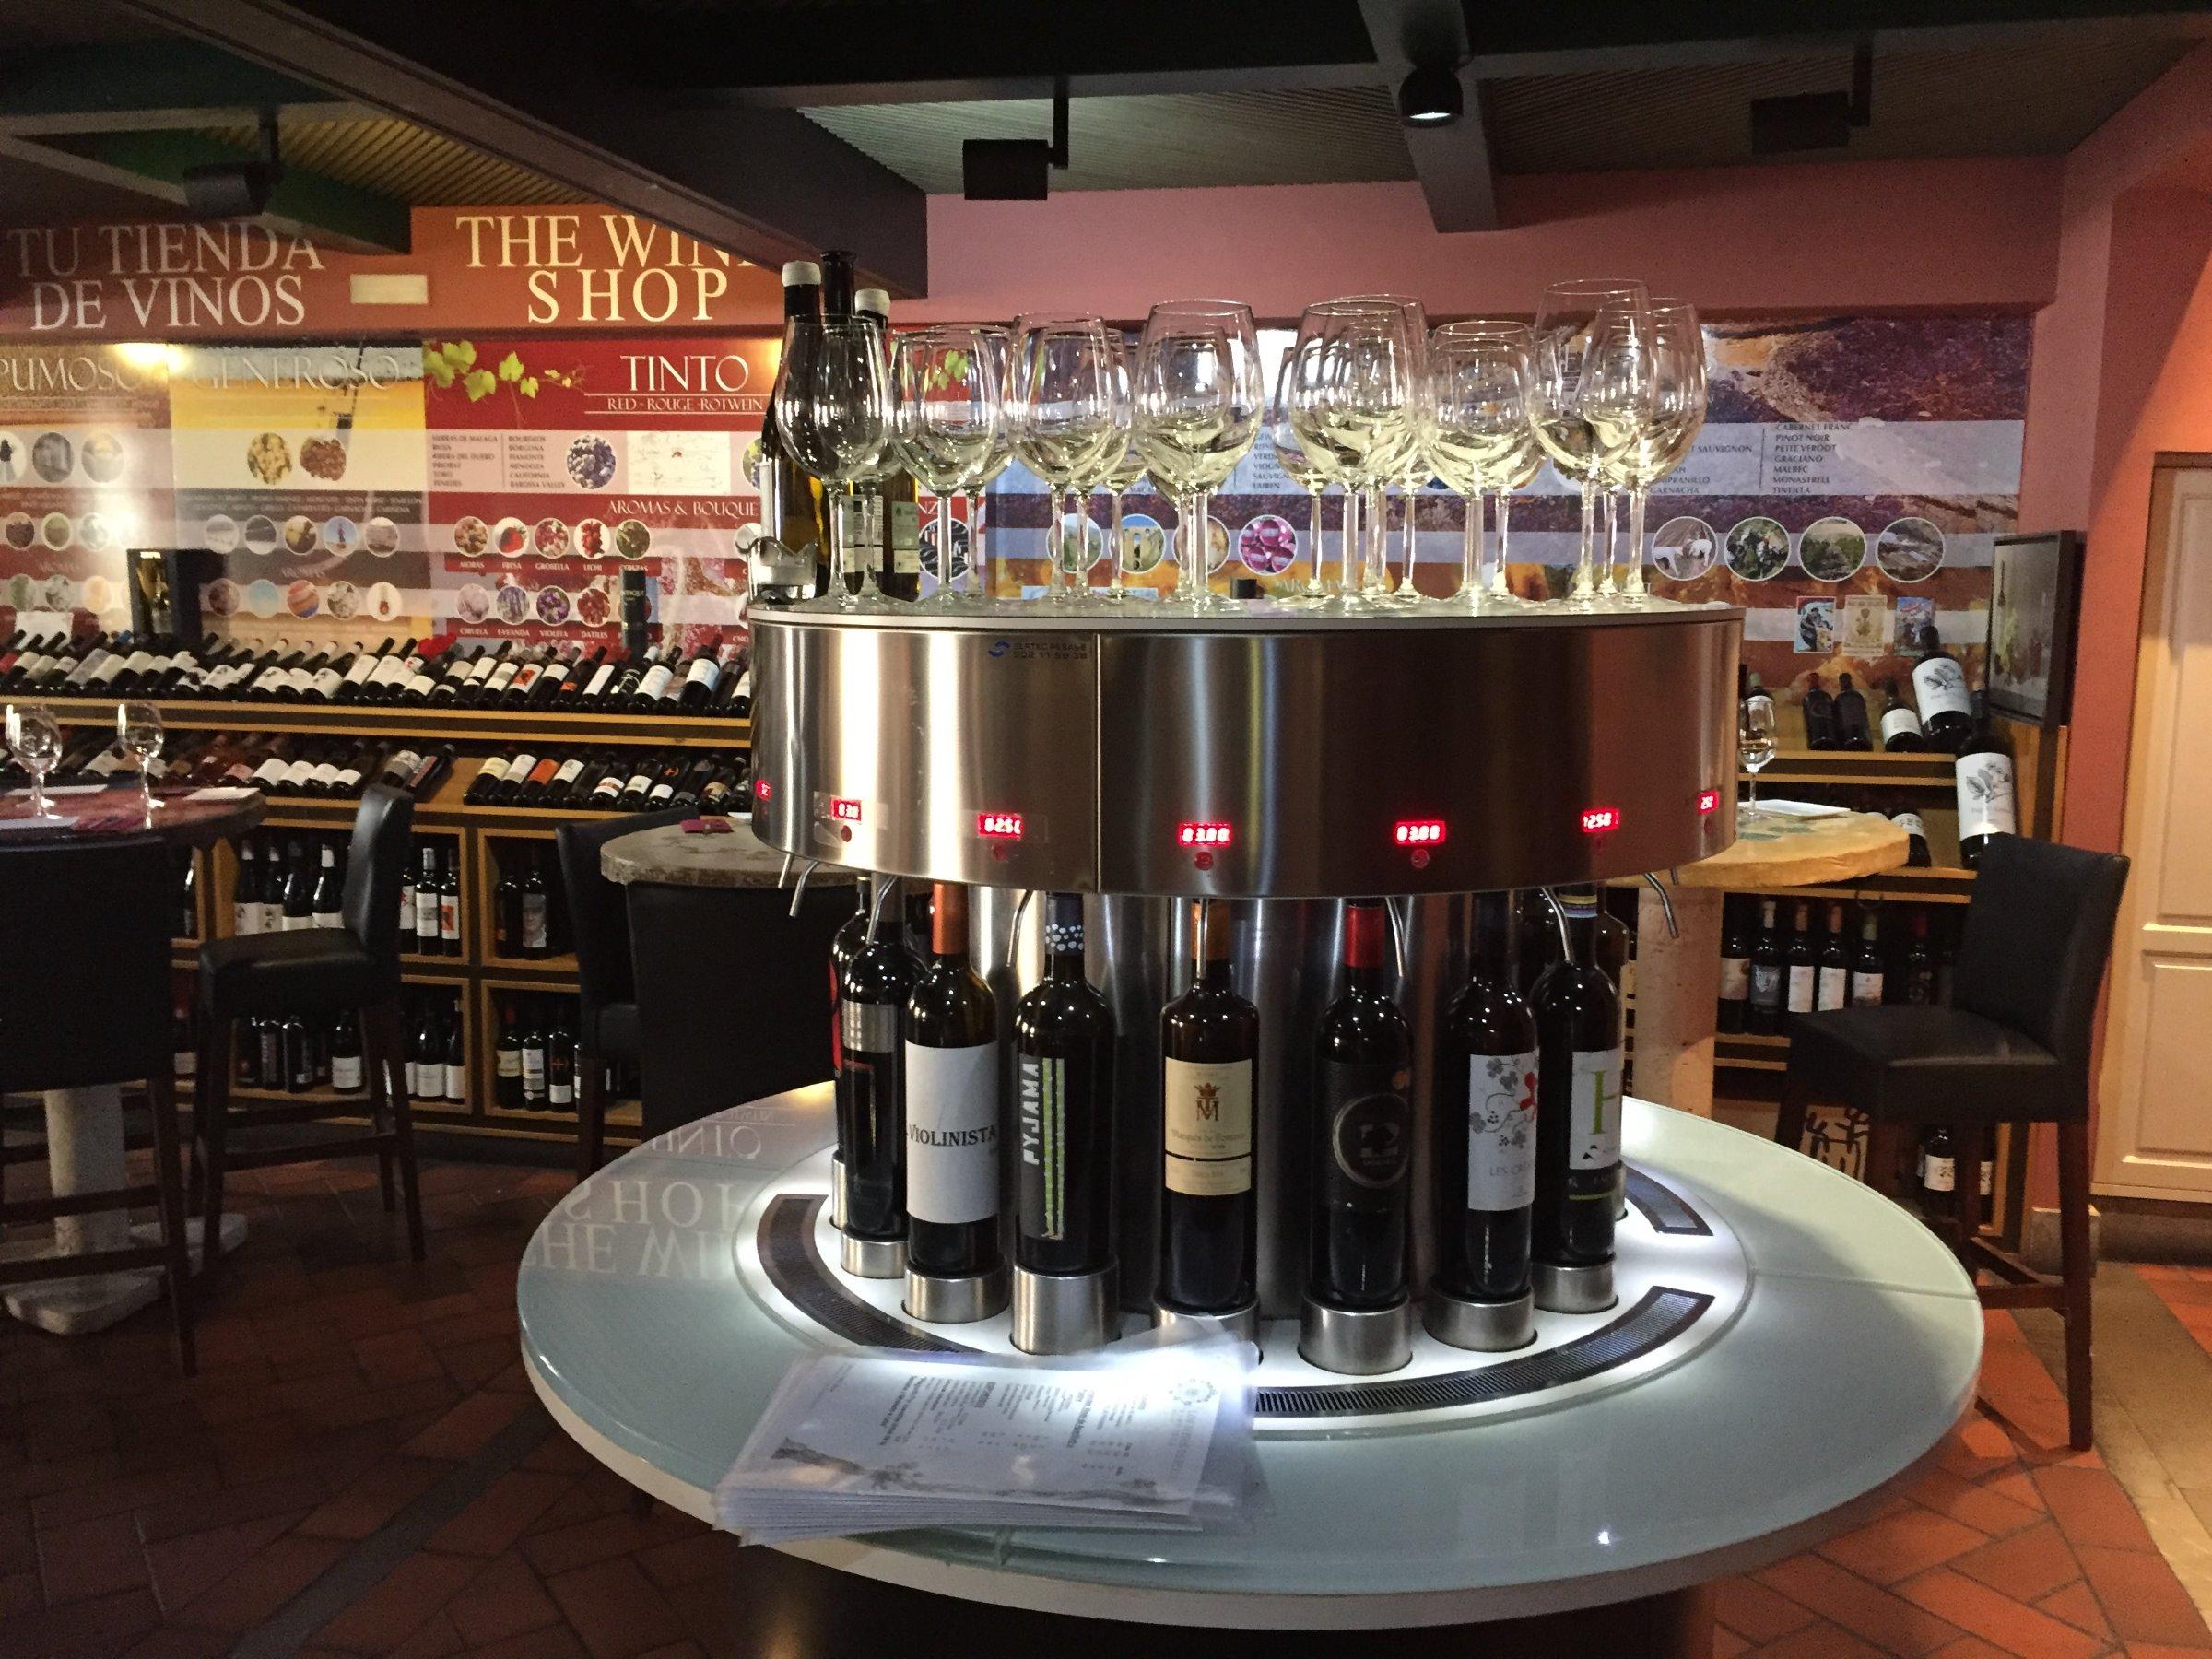 Malaga vin